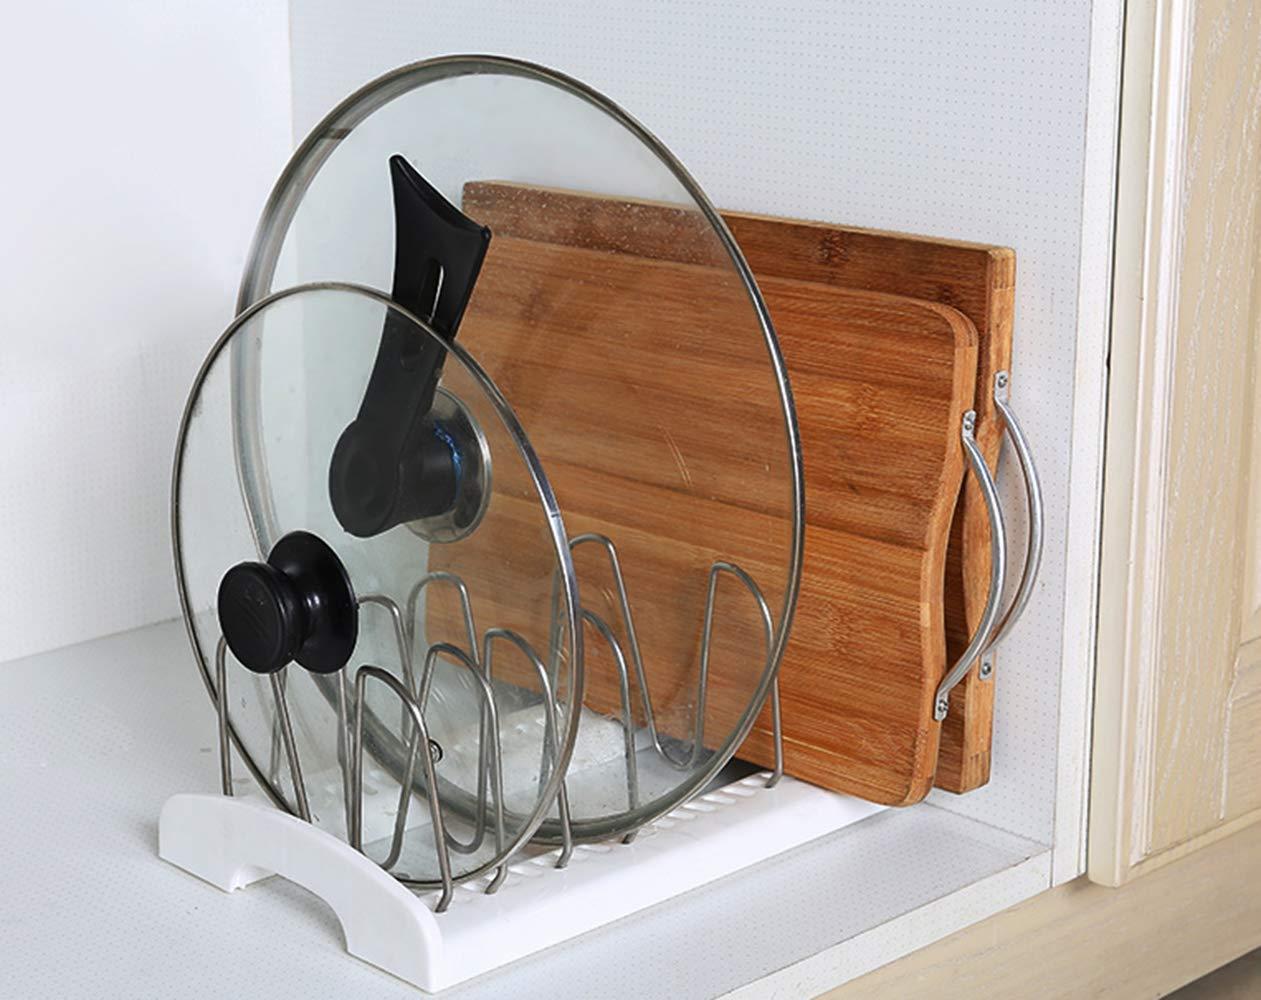 Félibeaco - Organizador ajustable para ollas y sartenes, utensilios de cocina y tablas de cortar, soporte de almacenamiento para cocina, armario, ...